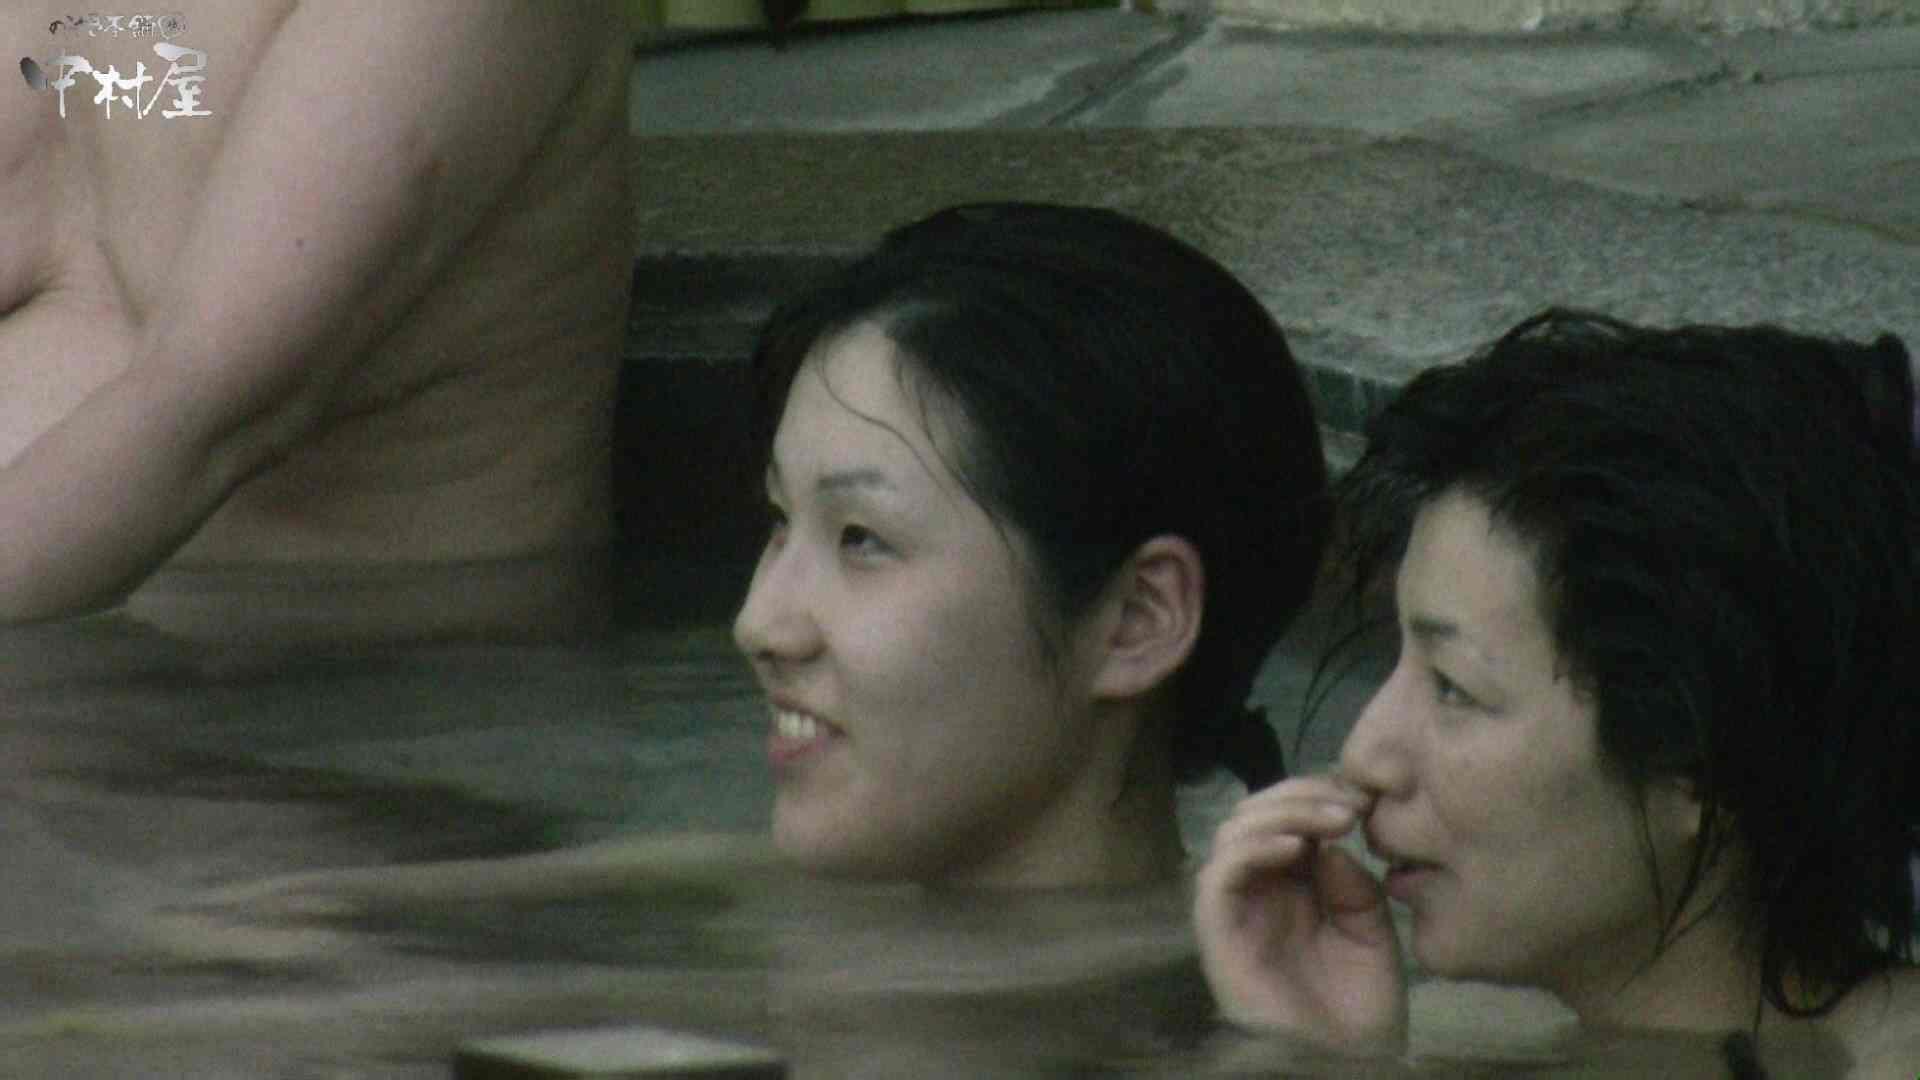 Aquaな露天風呂Vol.983 0   0  78pic 17